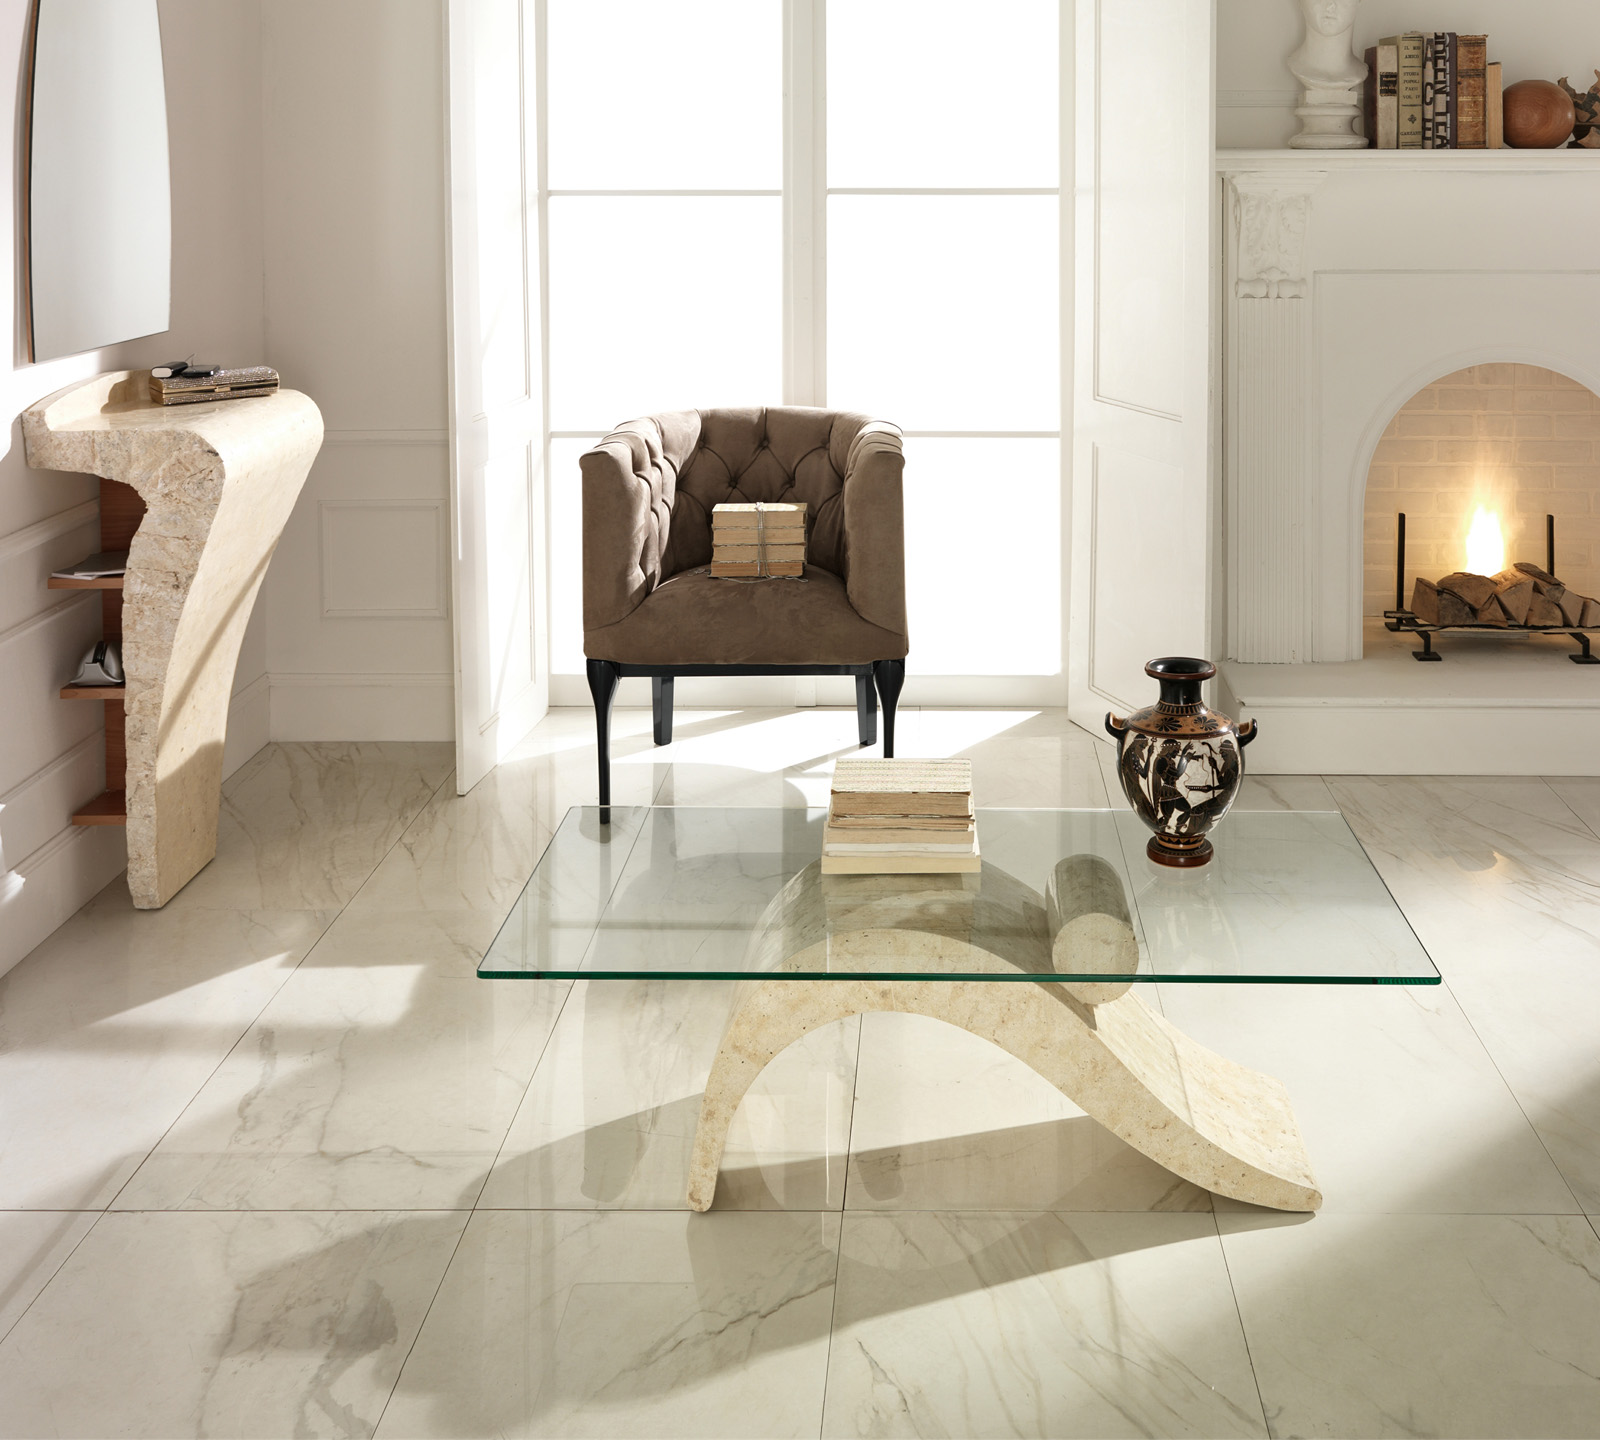 Tavolino Dove in pietra fossile bianca | Duzzle